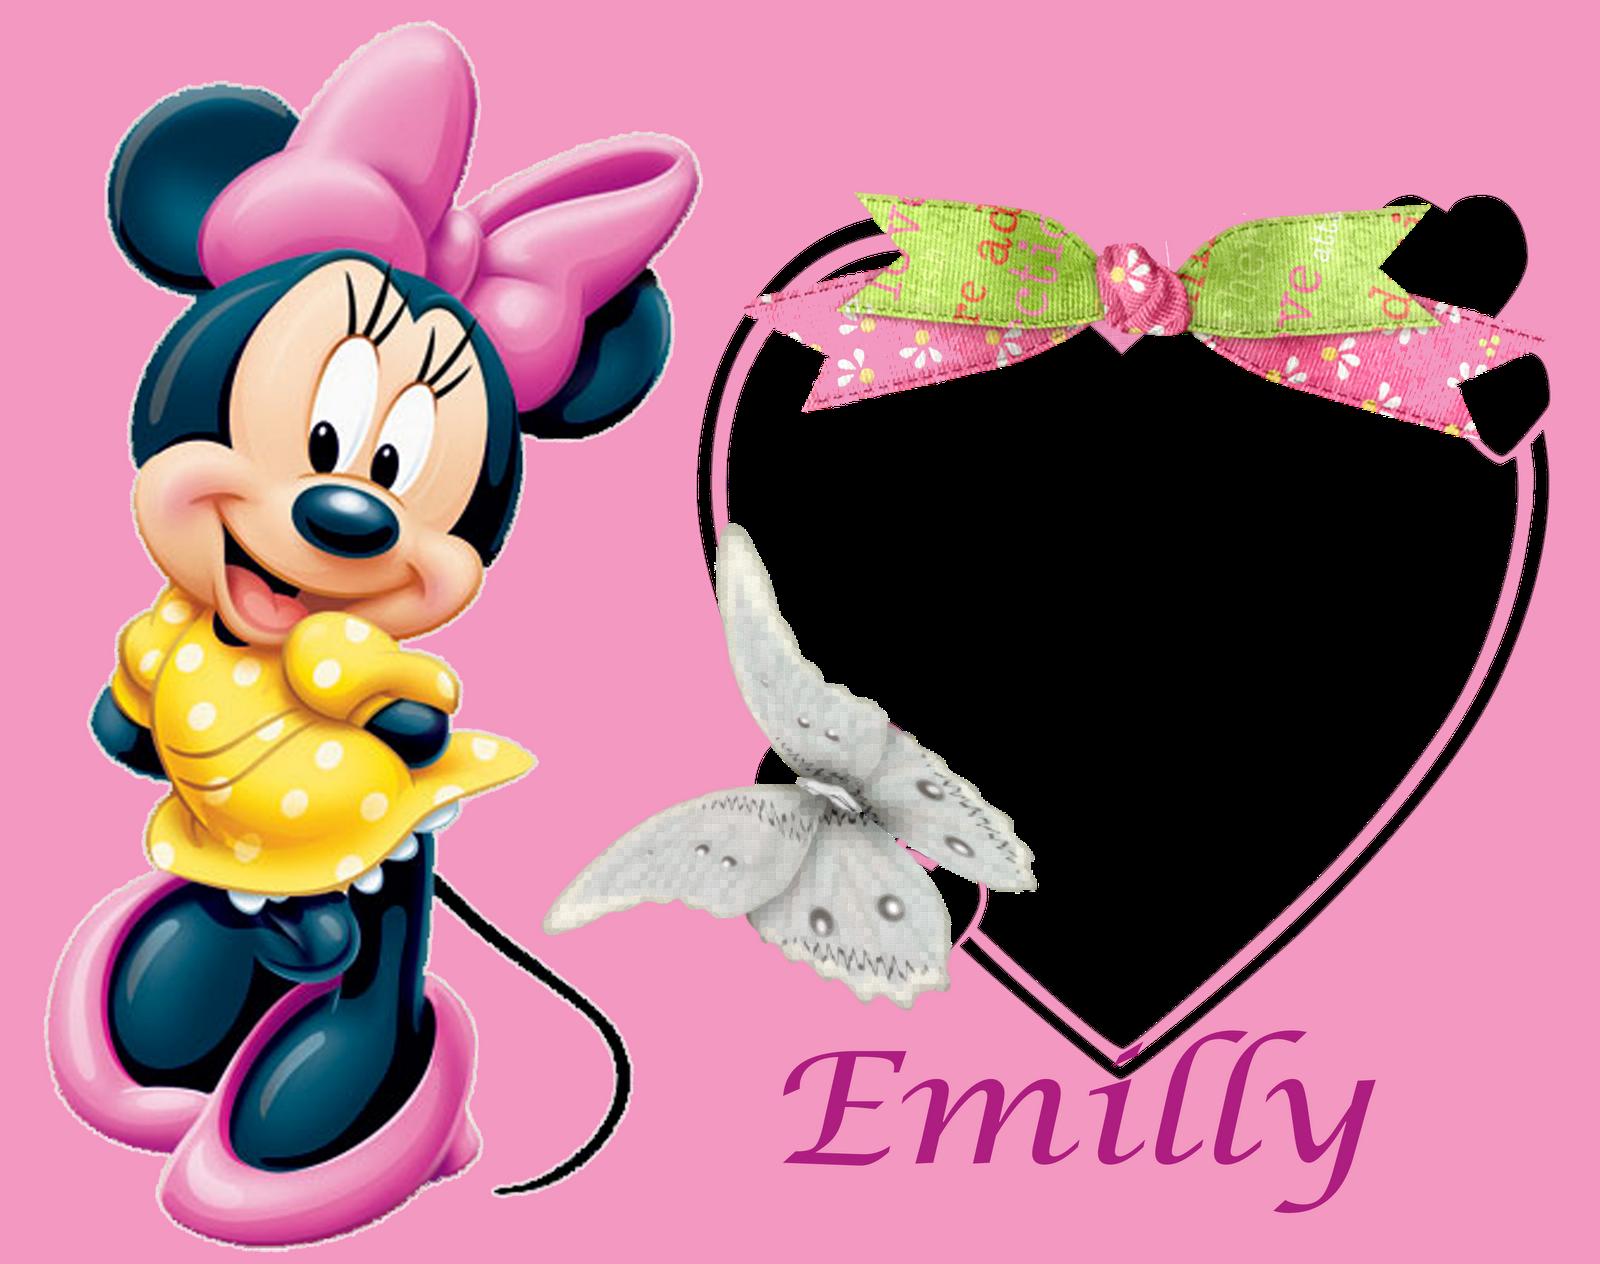 CHIARA - Molduras Digitais: 5 Molduras com o Nome Emilly